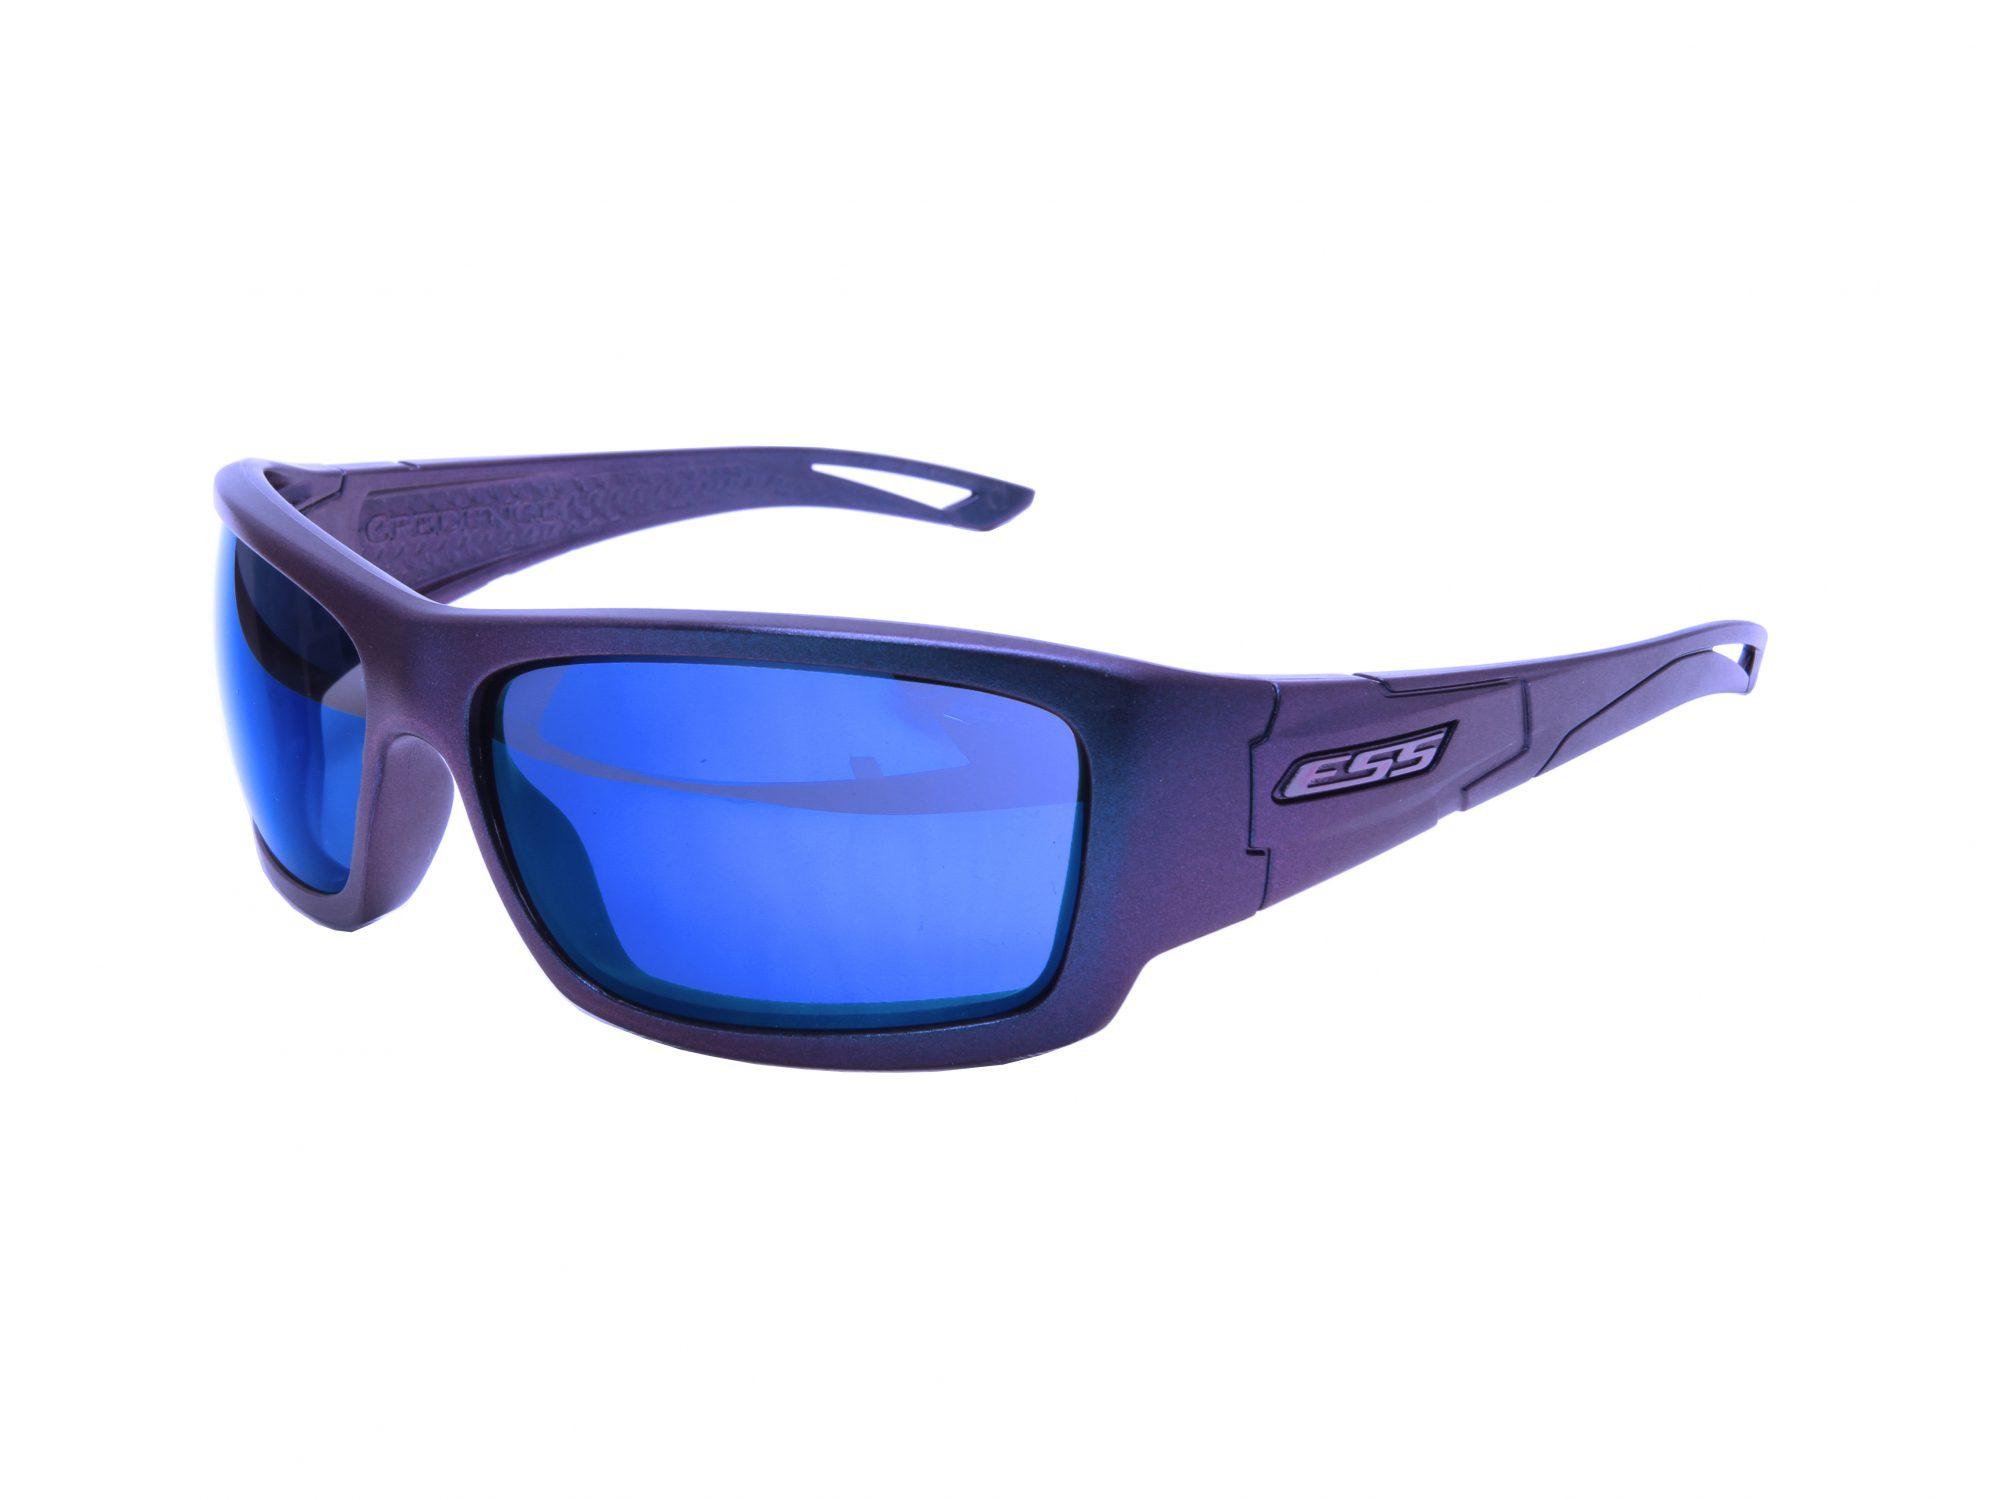 EE9015-103フレーム:メタリックブルパープル、レンズ:ミラーブルー